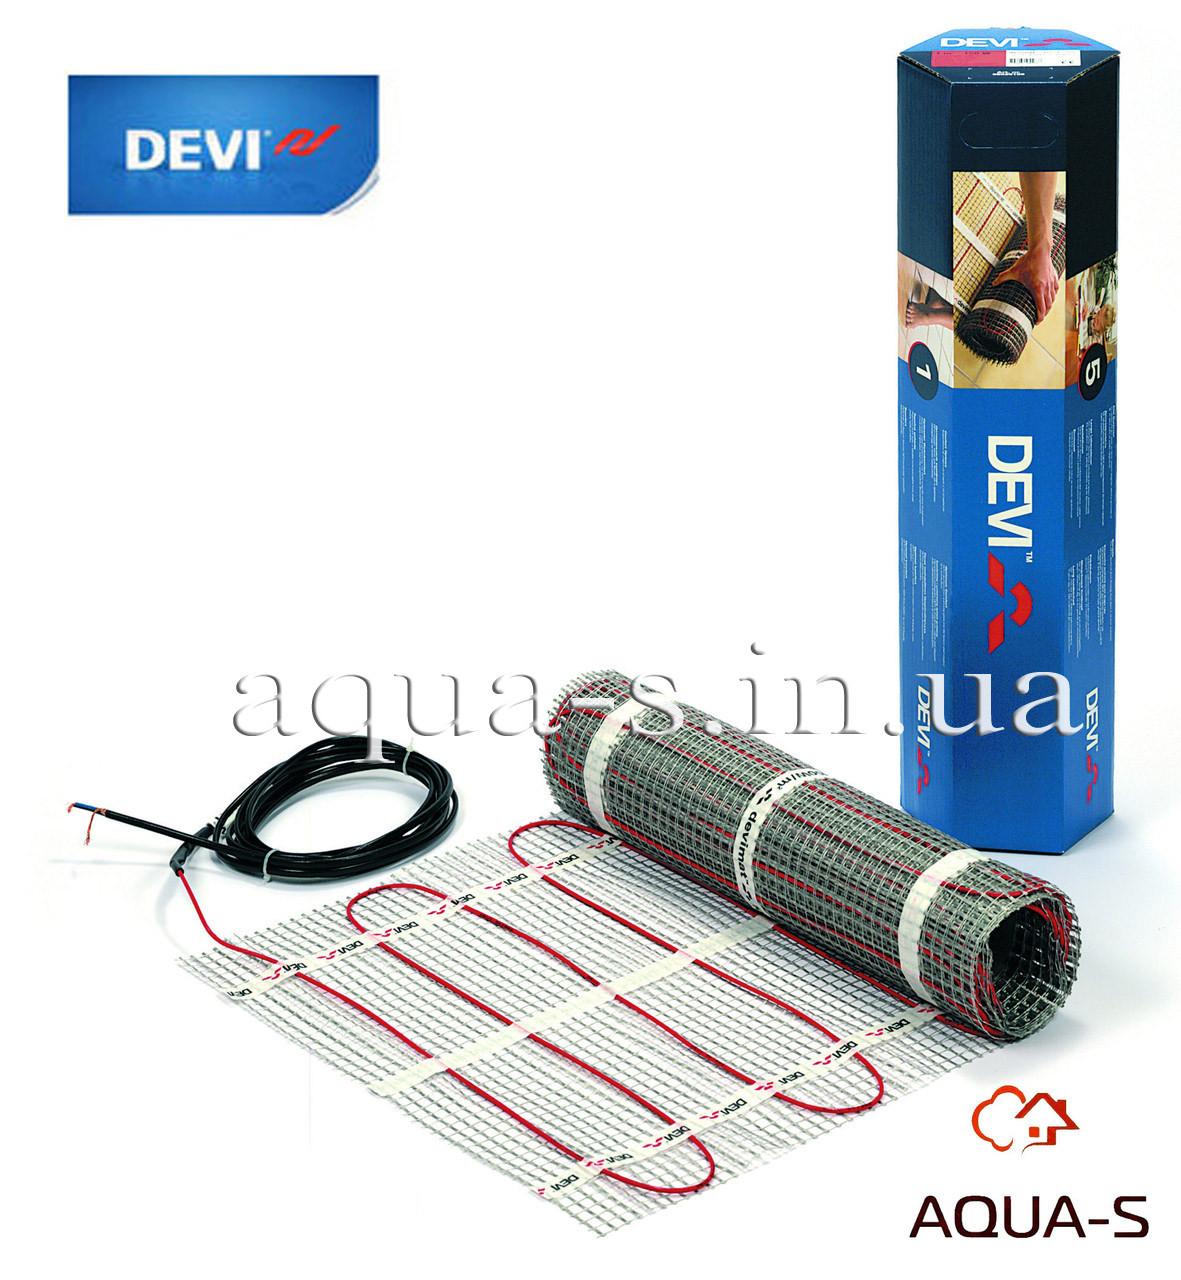 Мат нагревательный DEVI DEVIcomfort 150T (3 кв.м.) 412 Вт. двухжильный (83030570)